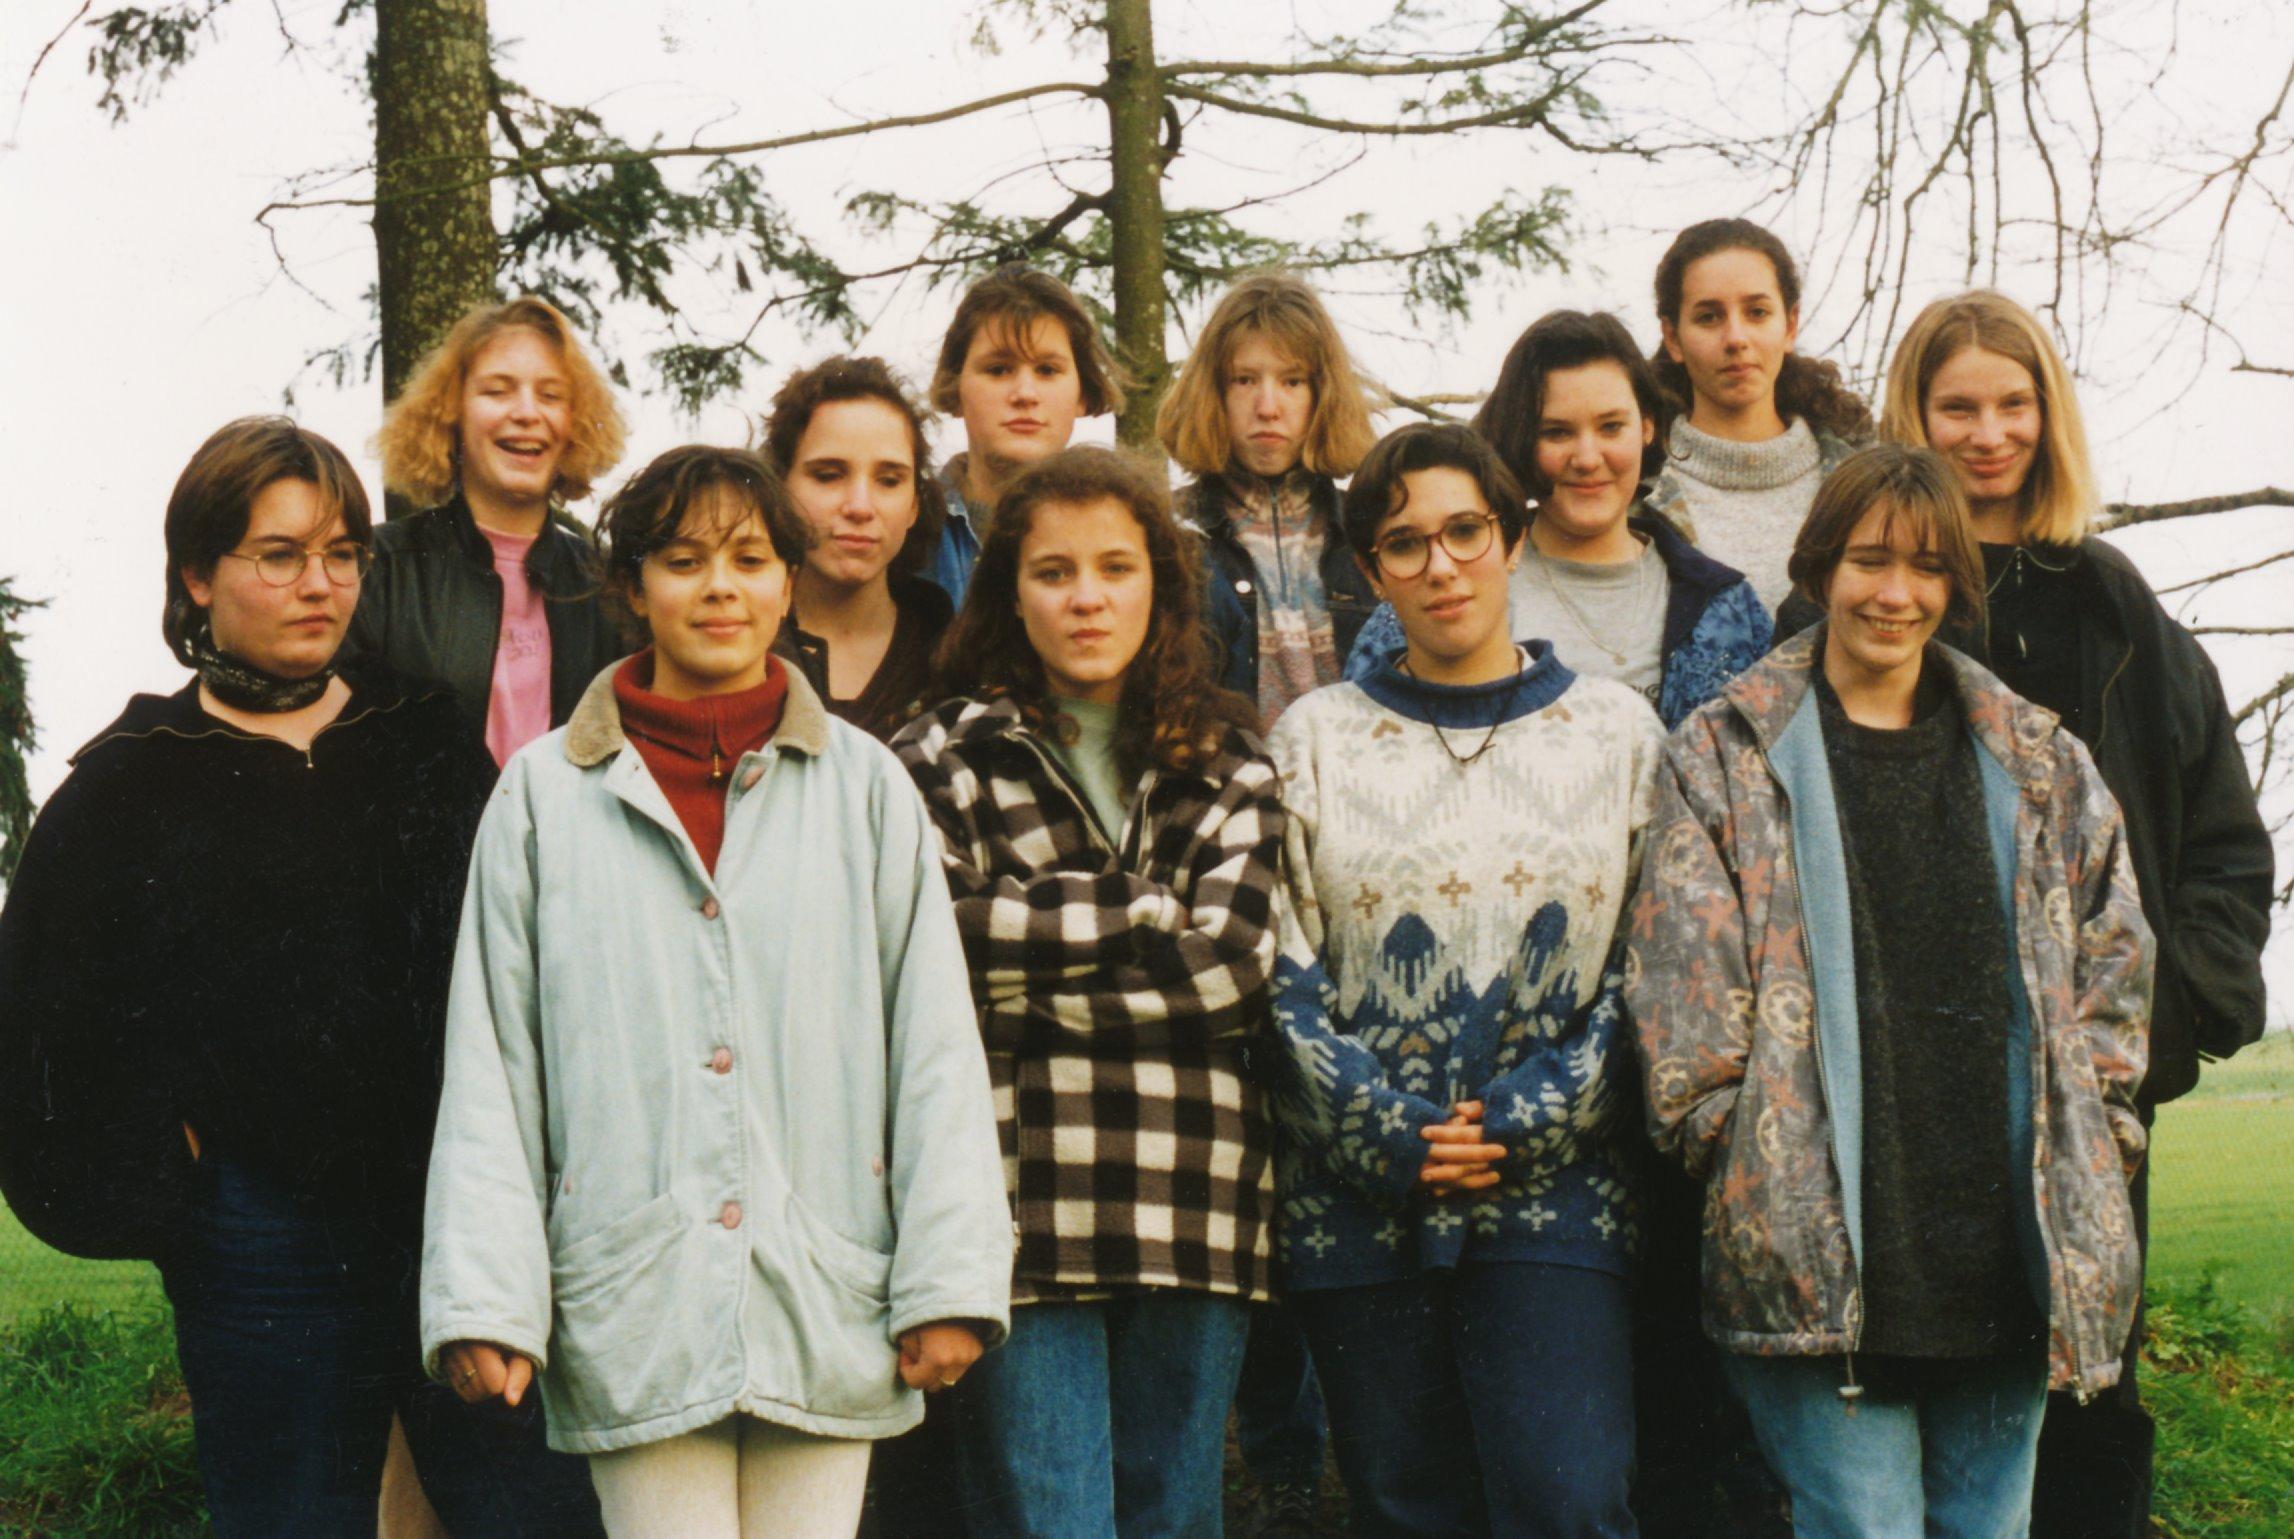 Archives anciens élèves mfr puy-sec 1995 (8)